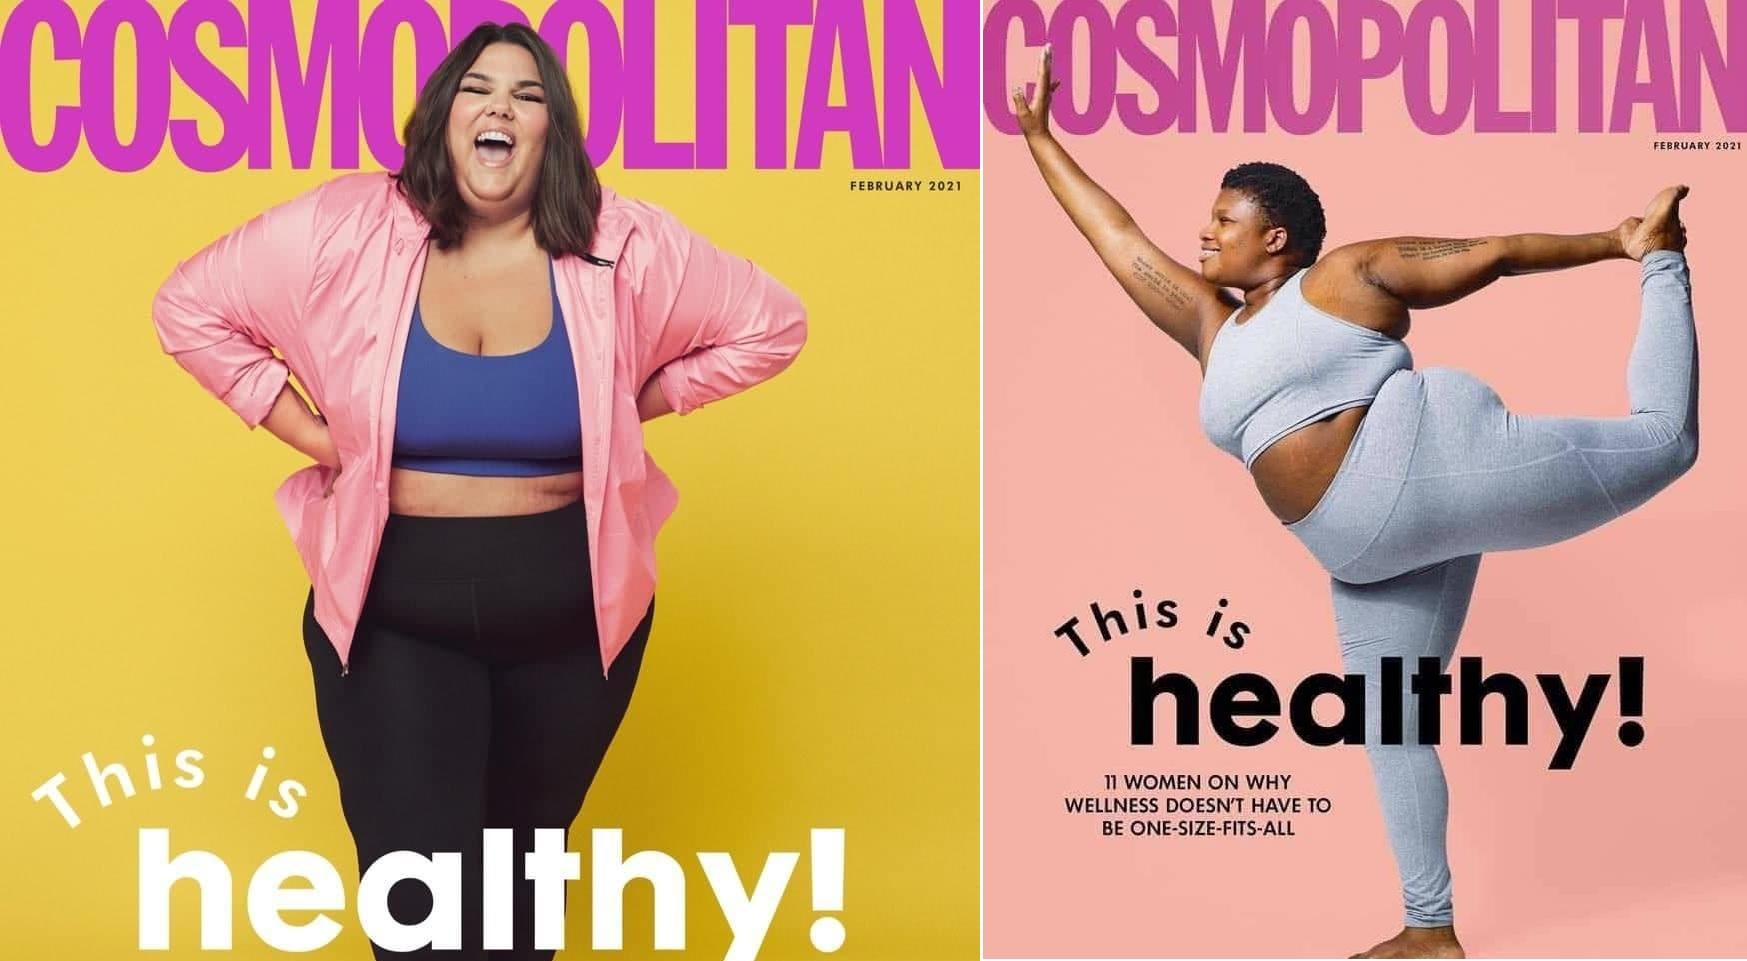 Малышева раскритиковала журнал «Cosmopolitan» за пропаганду ожирения